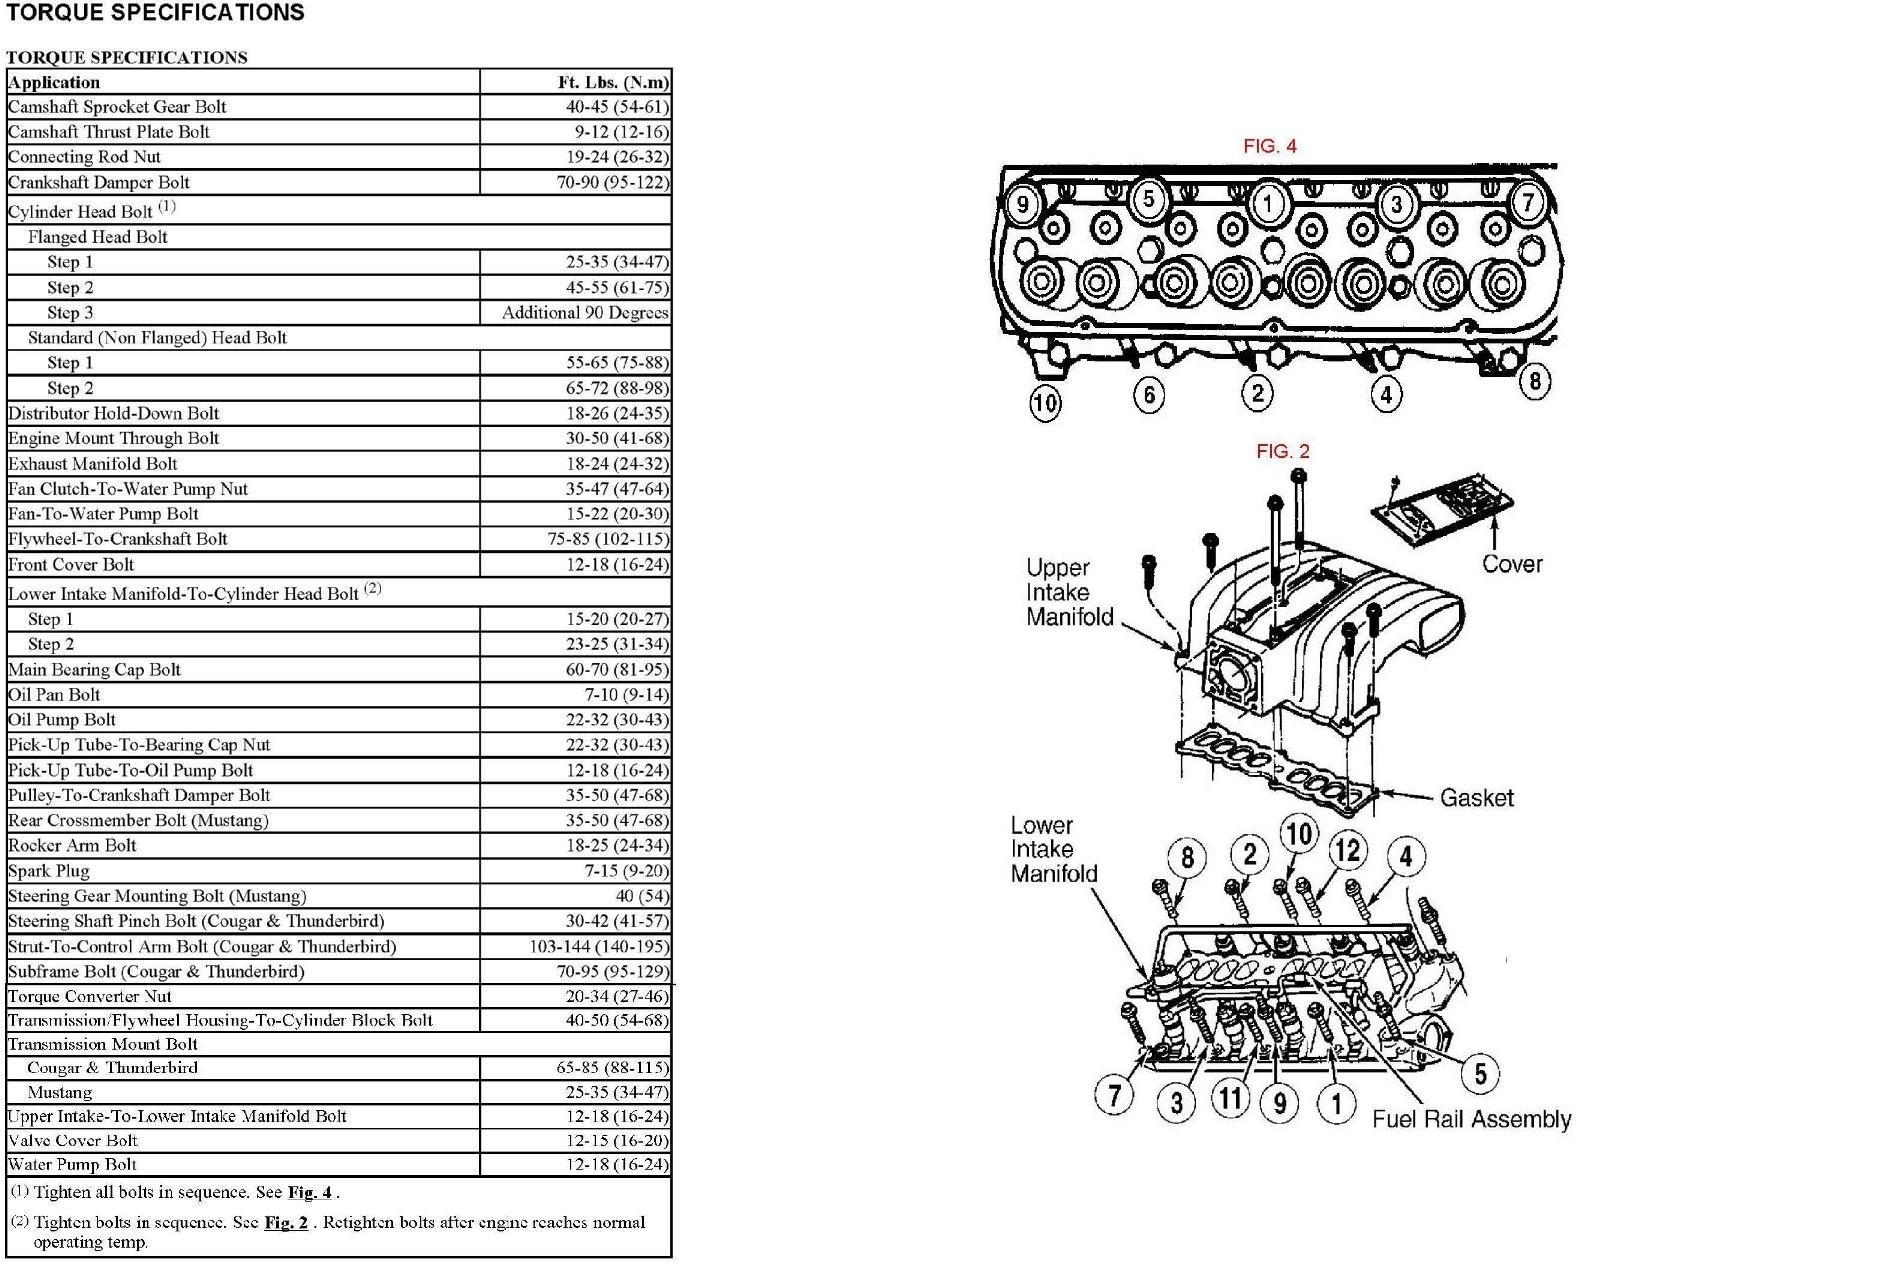 3800 V6 Engine Diagram Fox Body 302 Engine Diagram Wiring Info • Of 3800 V6 Engine Diagram